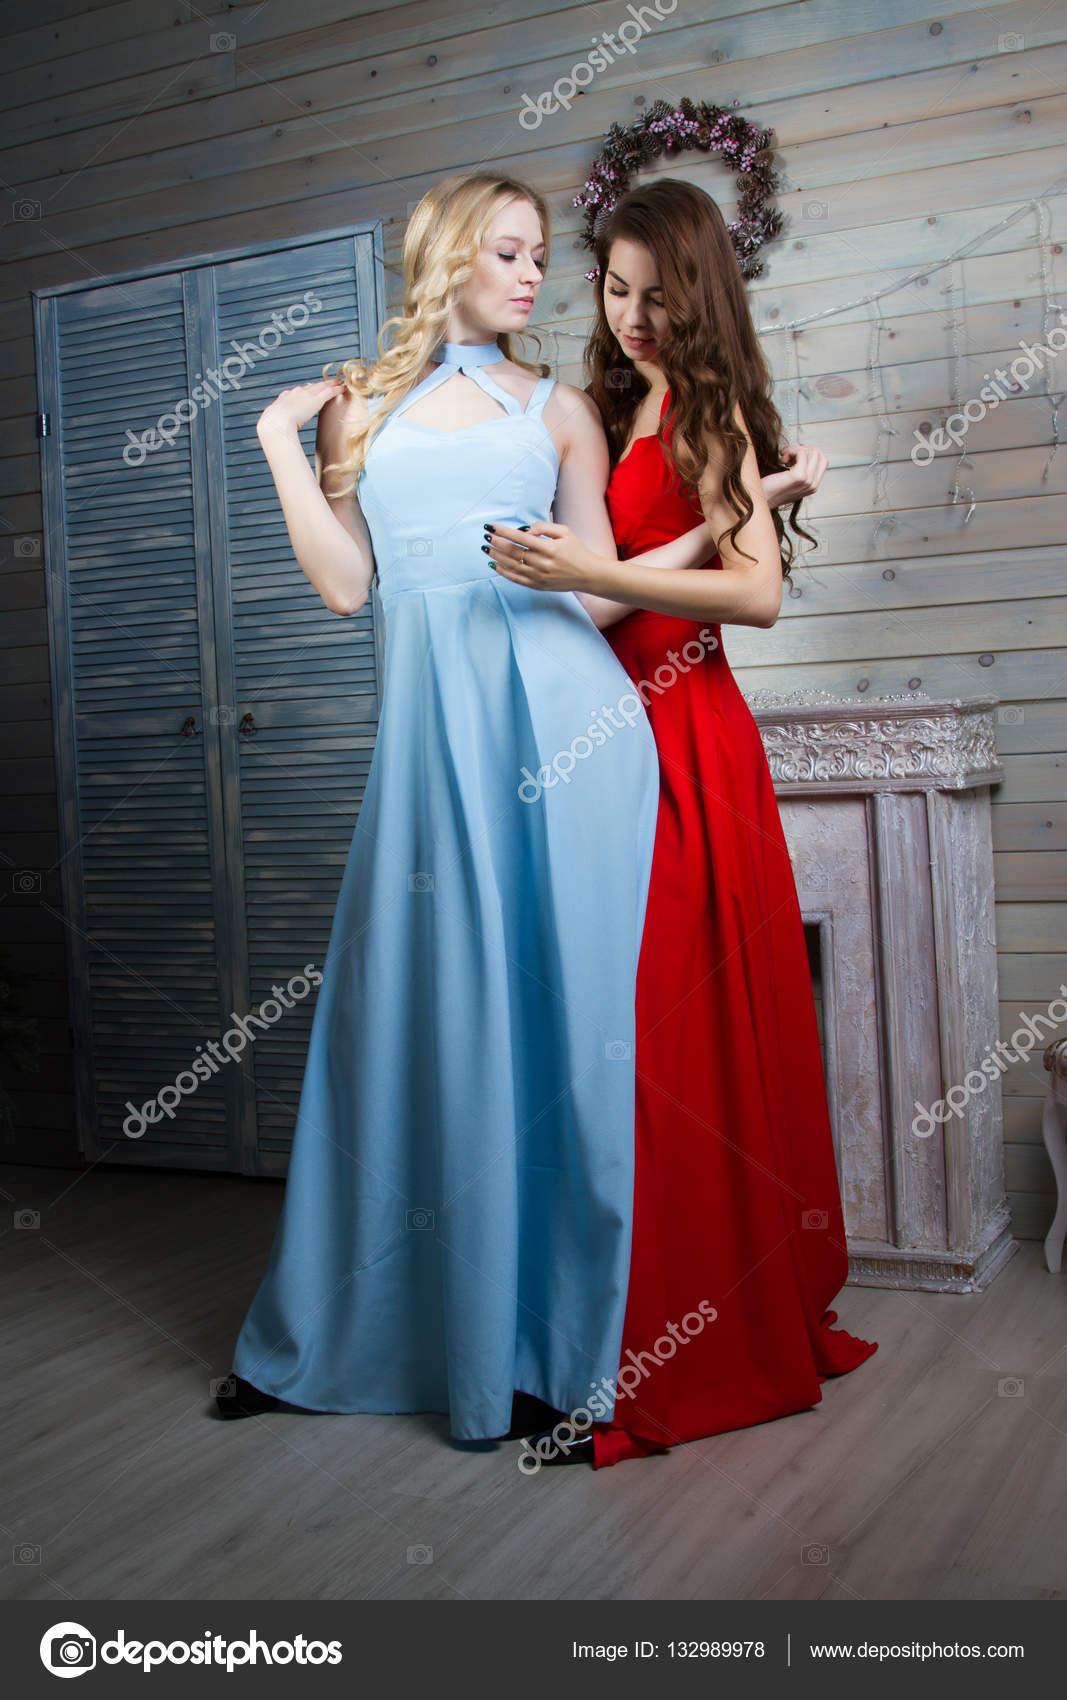 Raum In Kleidern Einem Junge Zwei Kamin Mädchen Langen Mit UMVzpS